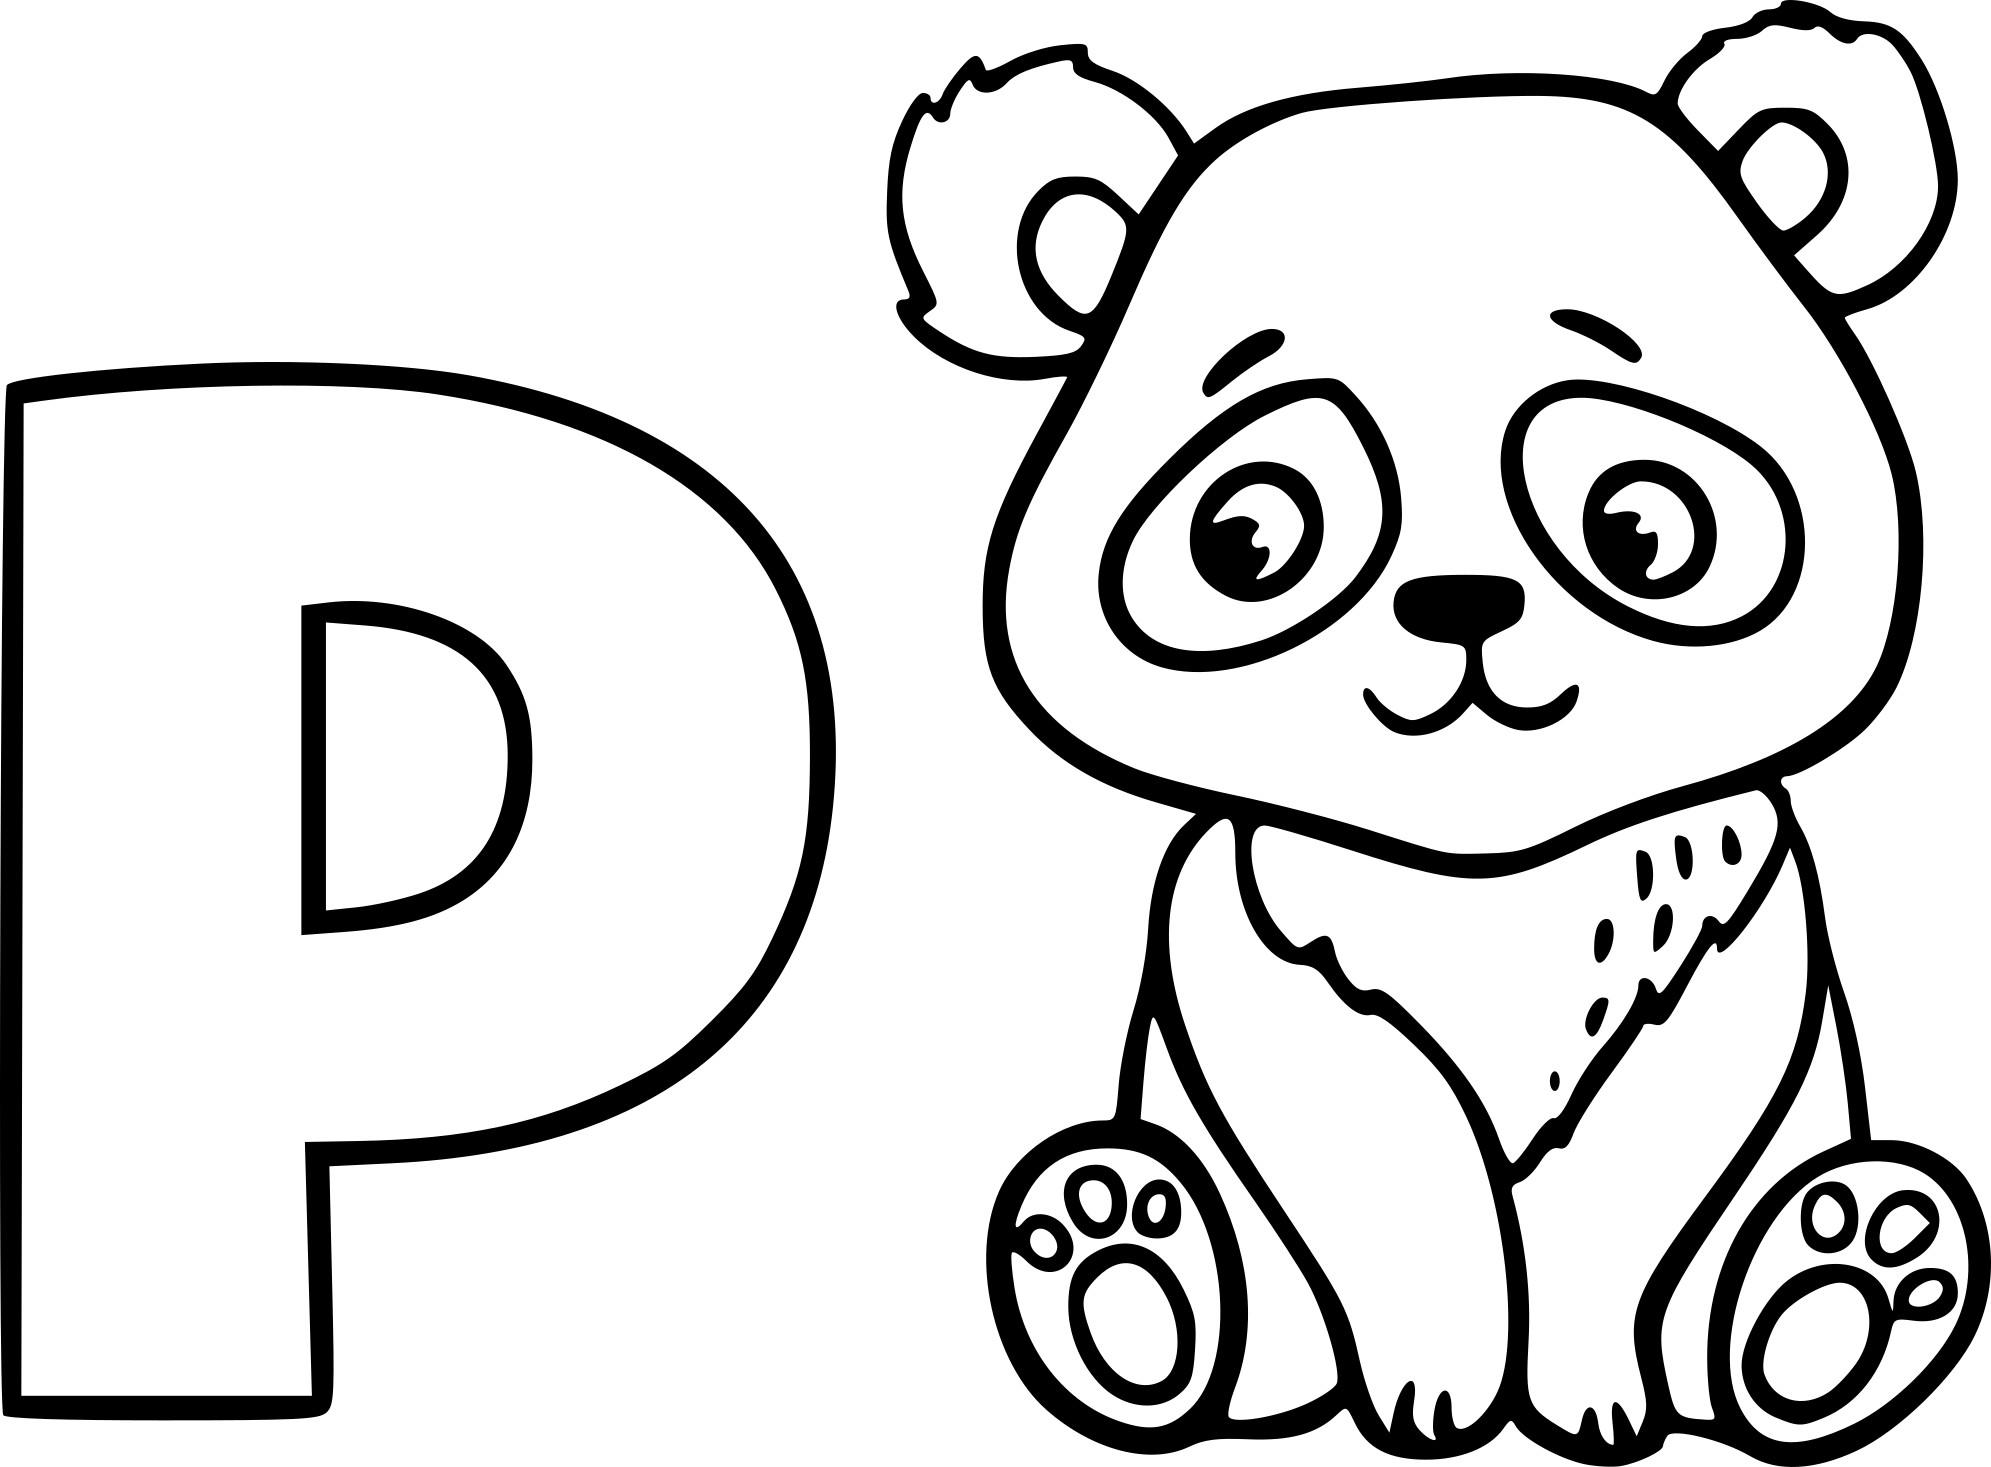 Coloriage p comme panda imprimer - Coloriage a imprimer panda ...